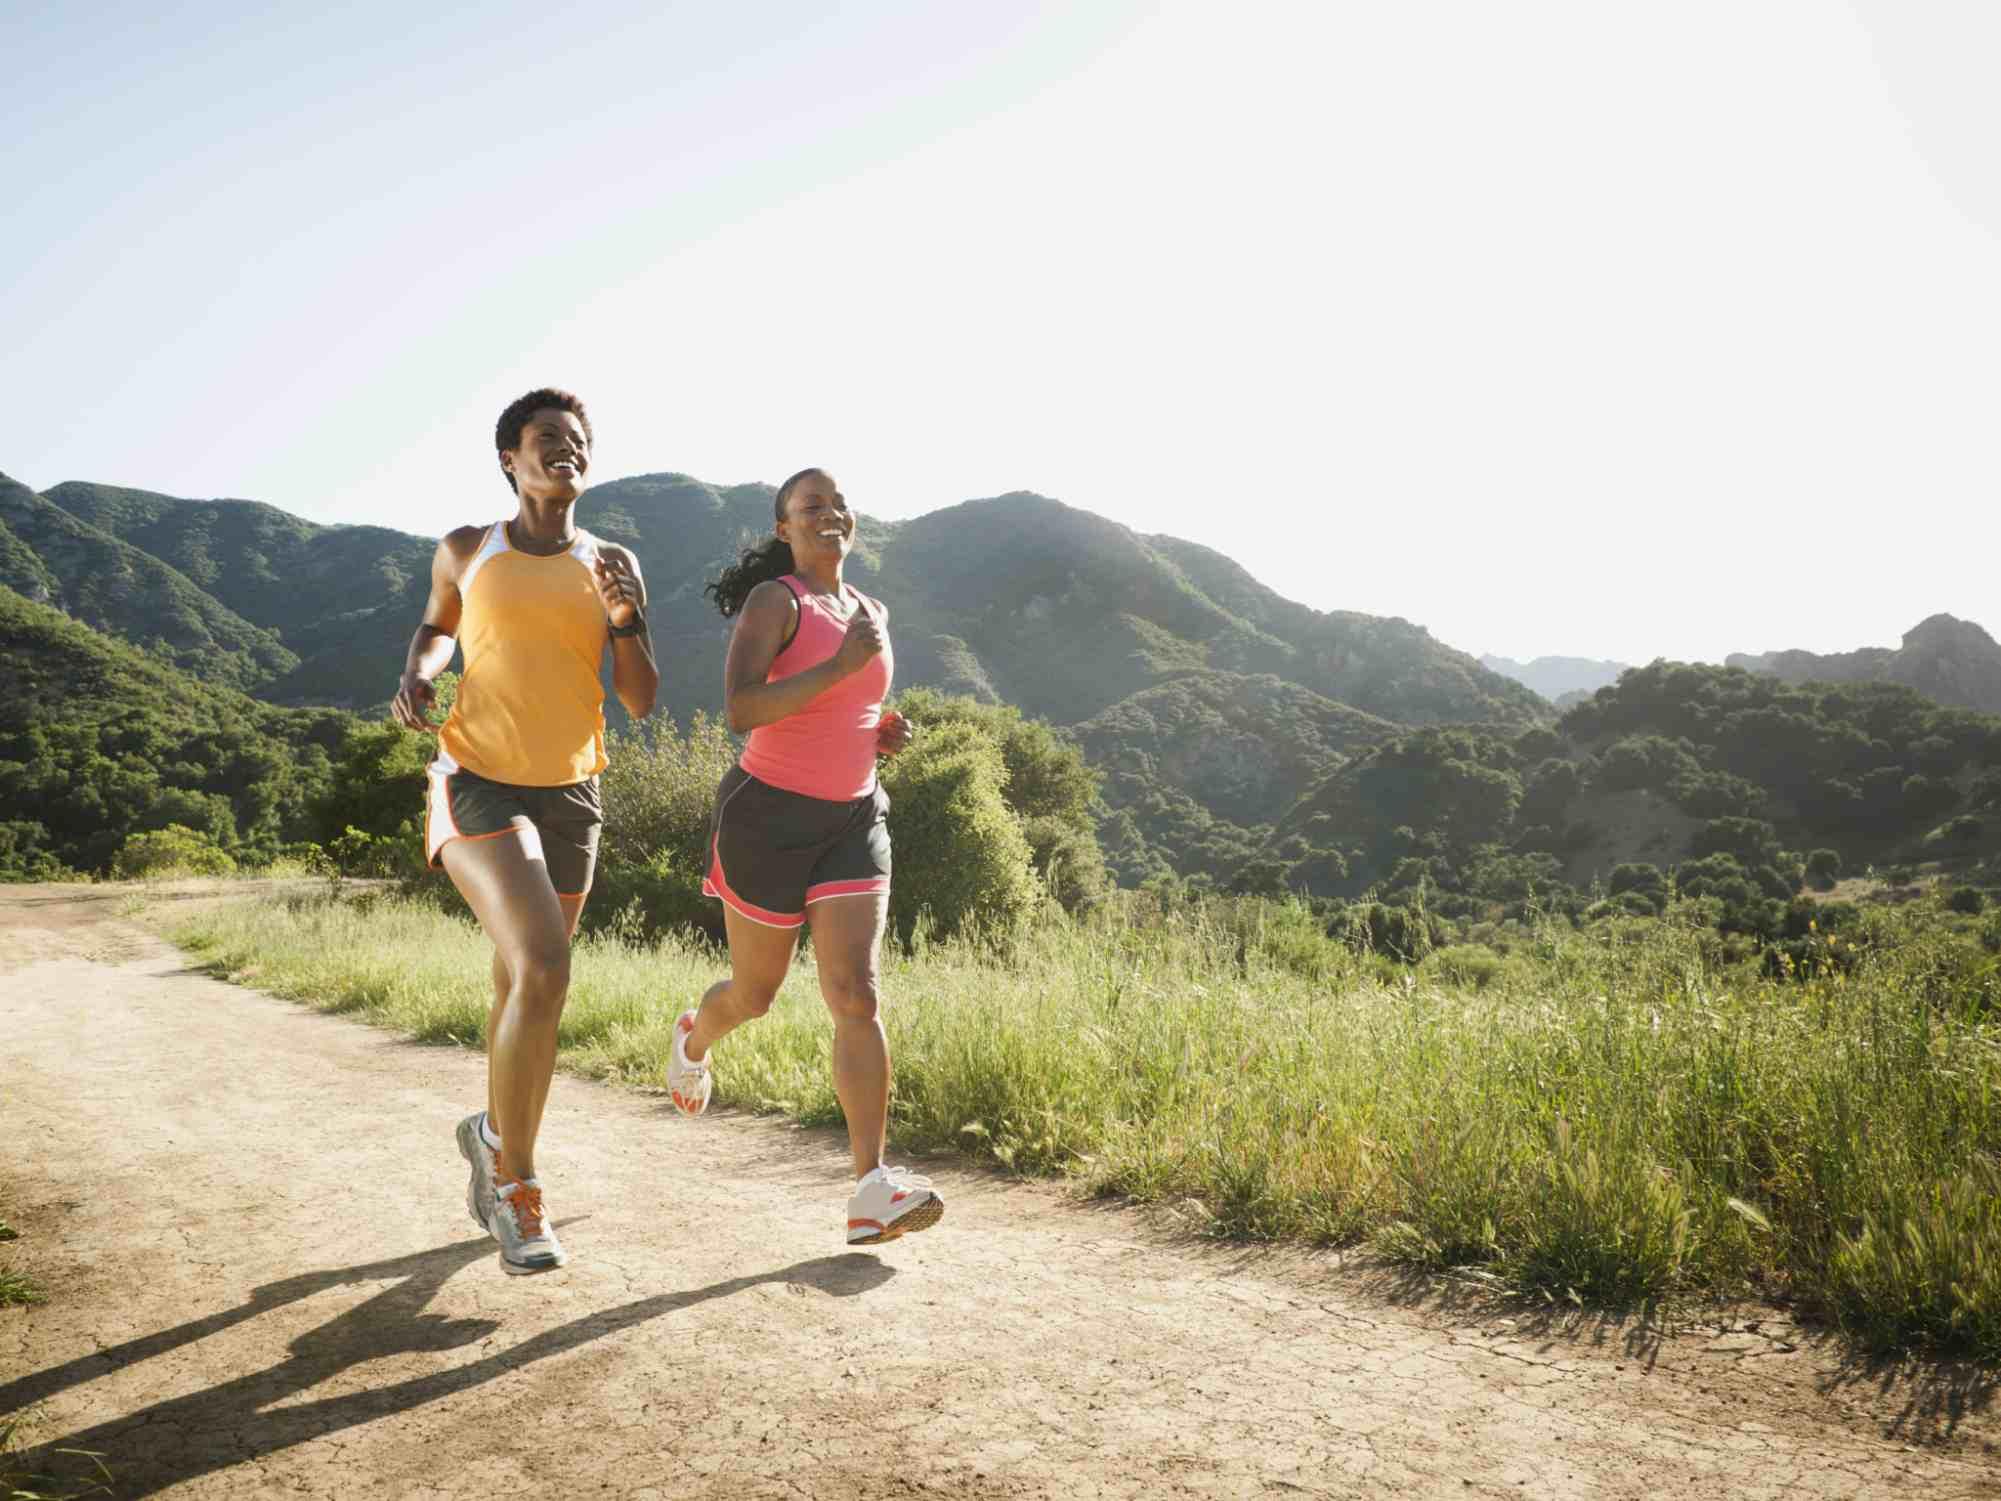 calorías quemadas corriendo